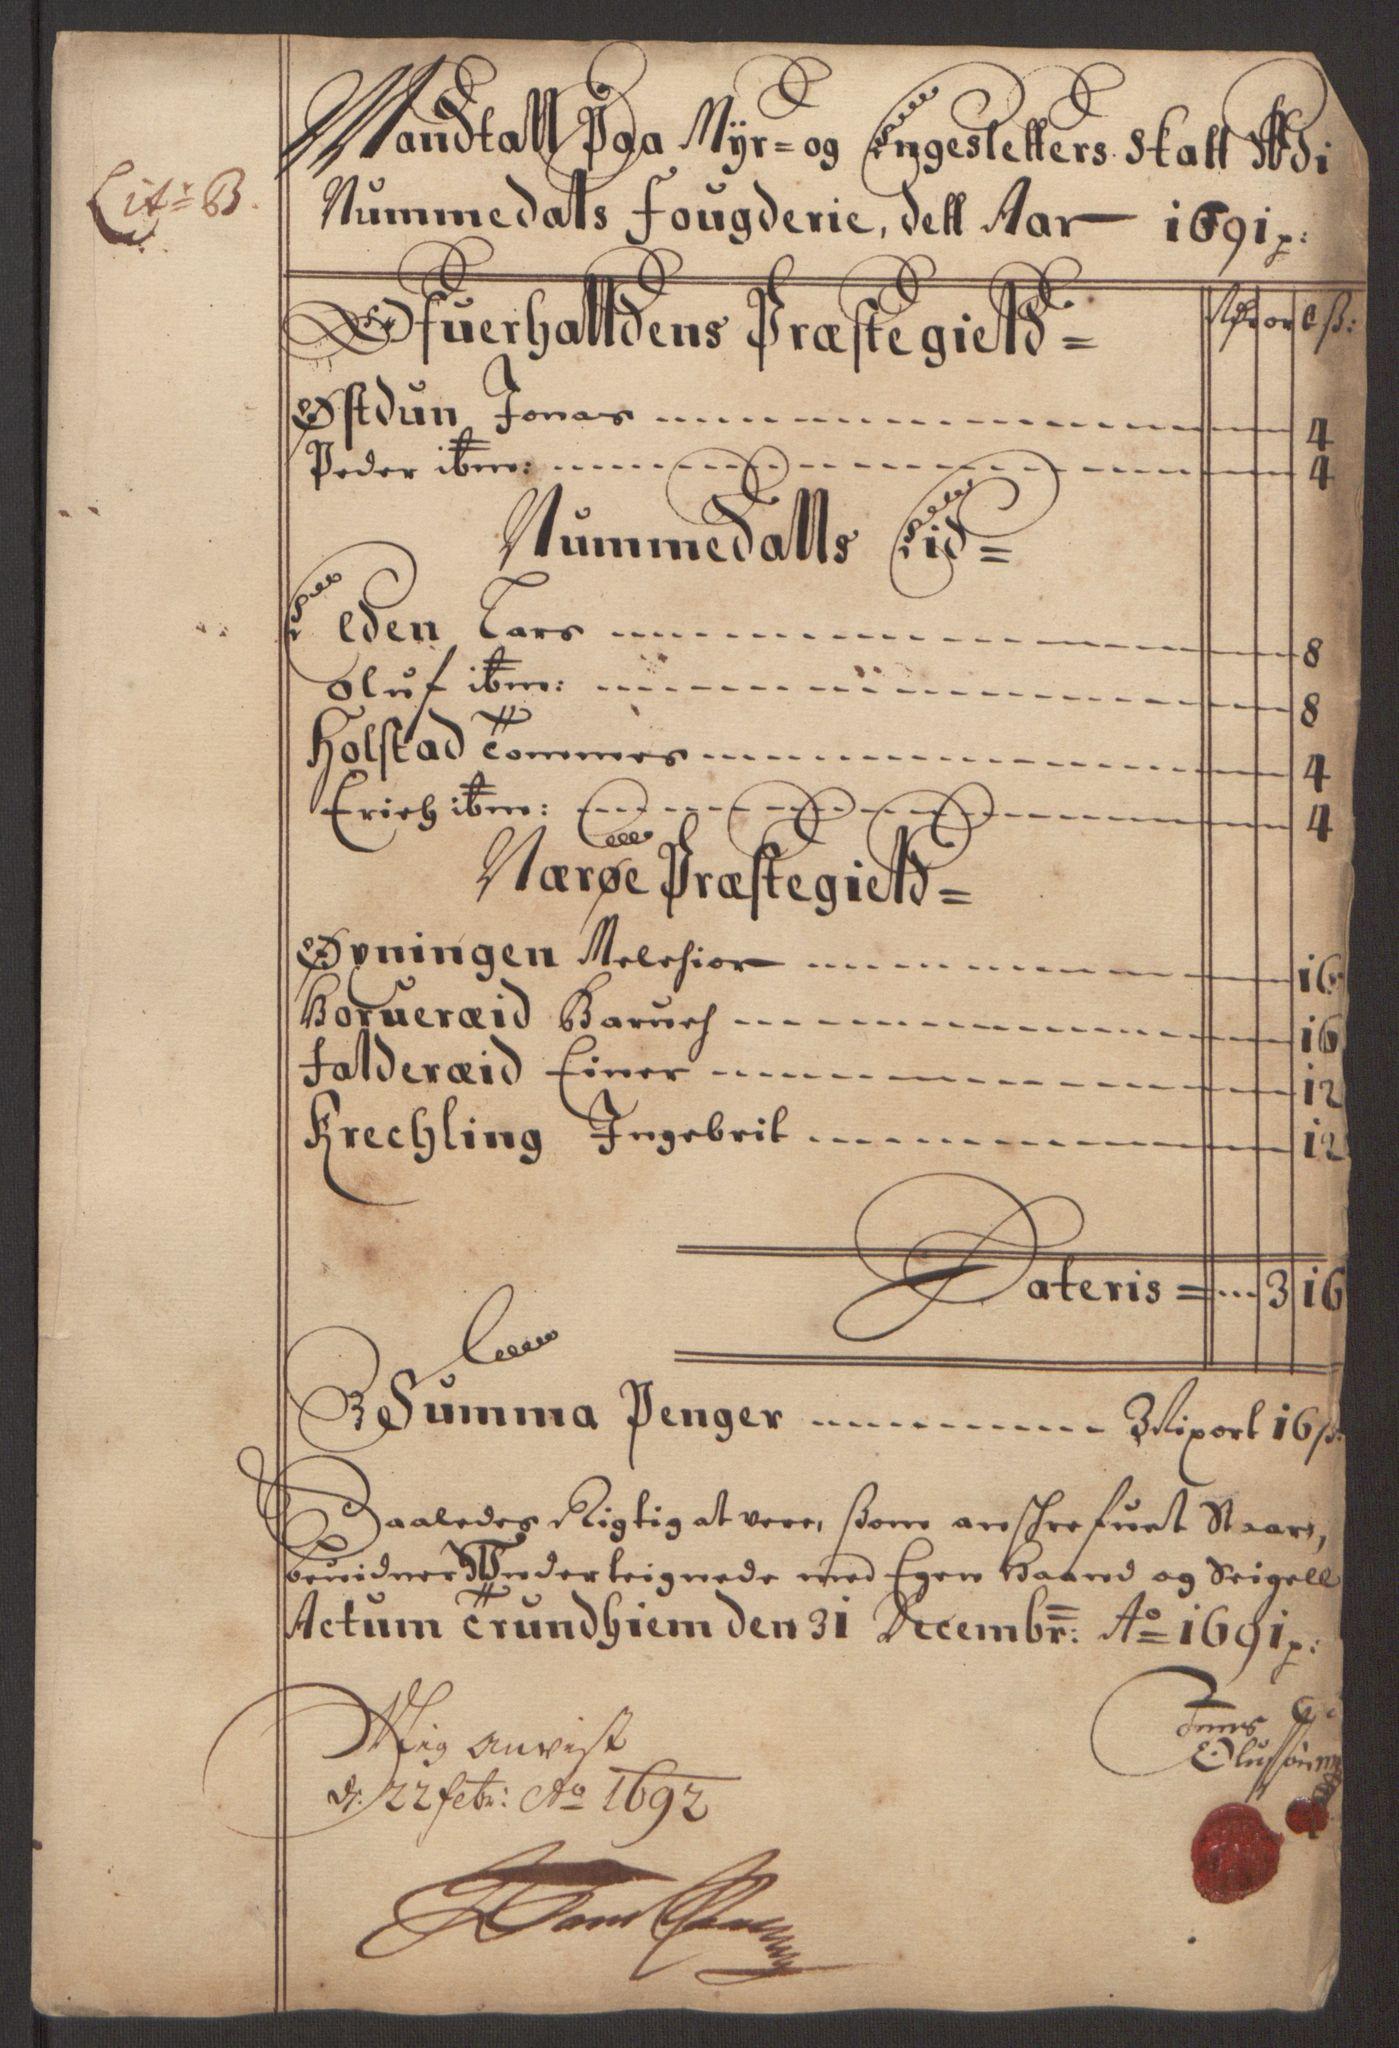 RA, Rentekammeret inntil 1814, Reviderte regnskaper, Fogderegnskap, R64/L4423: Fogderegnskap Namdal, 1690-1691, s. 208